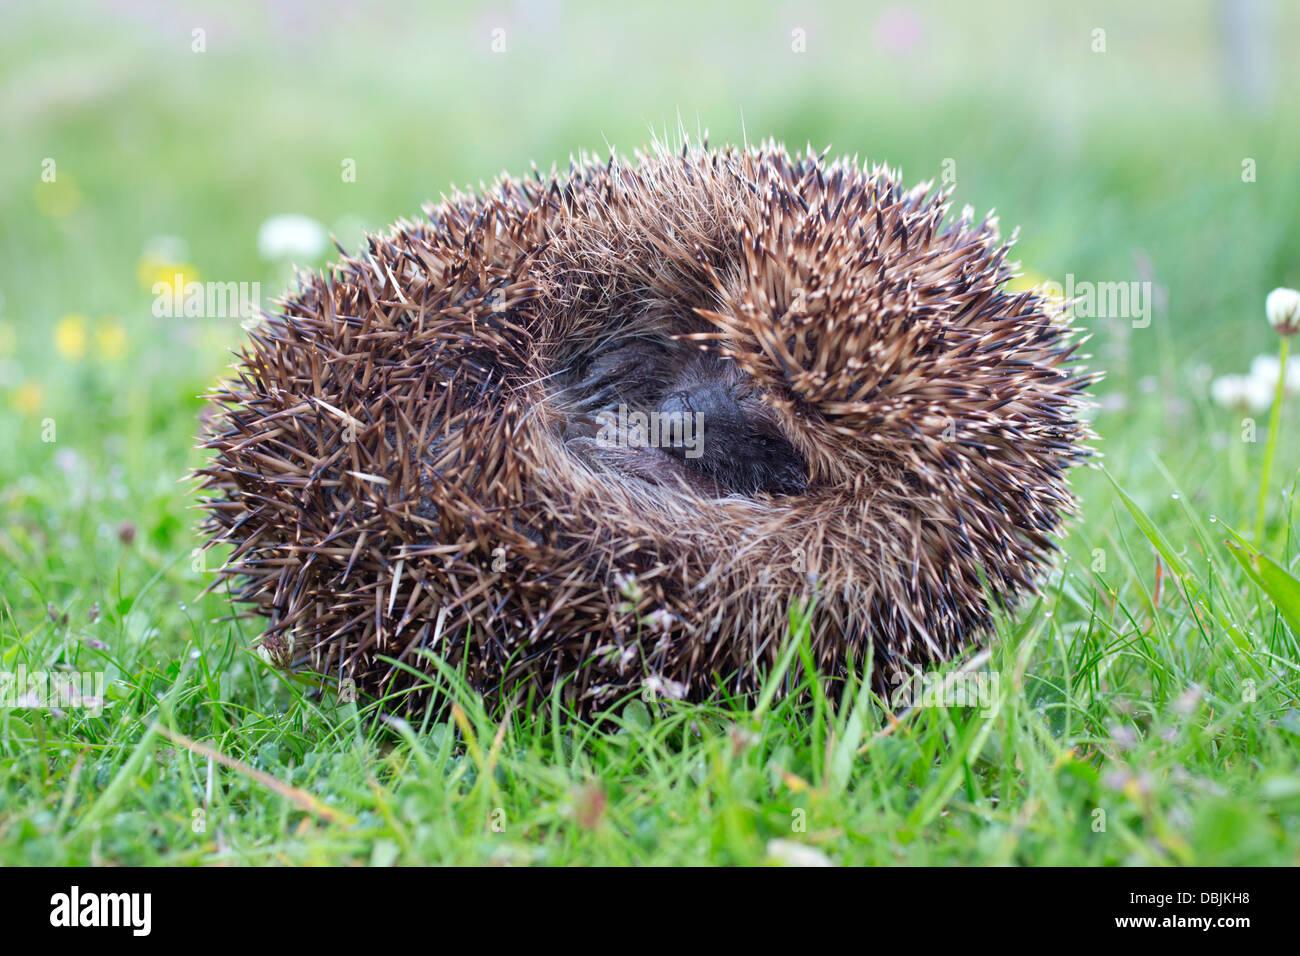 Hedgehog; Erinaceus europaeus; Curled; Shetland; UK - Stock Image